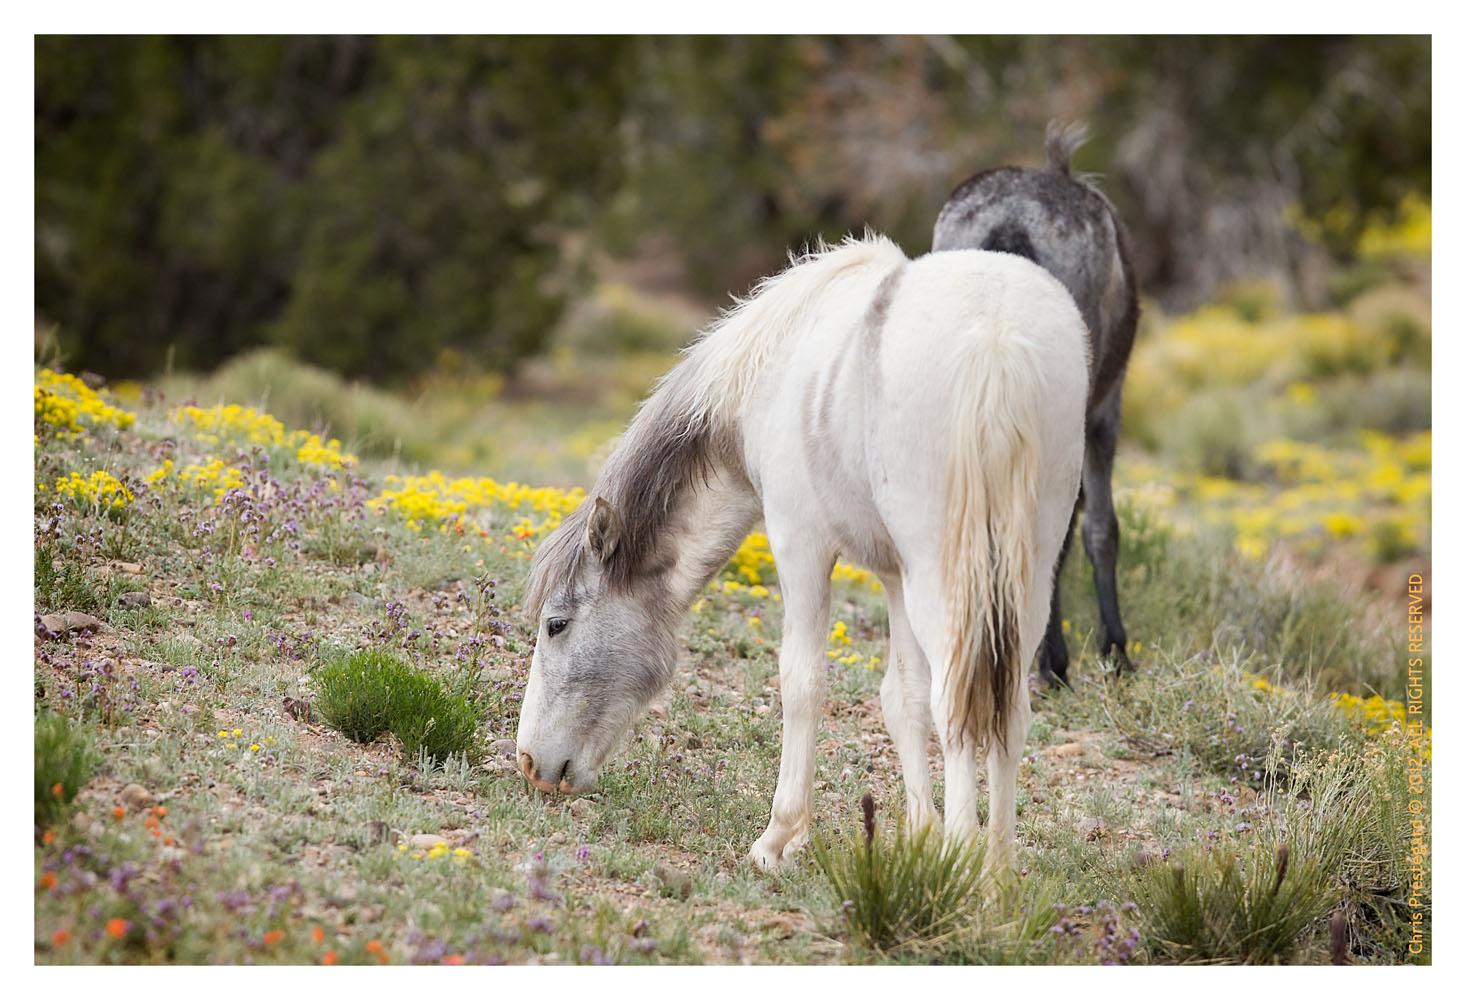 Horse22_Jan30-2012